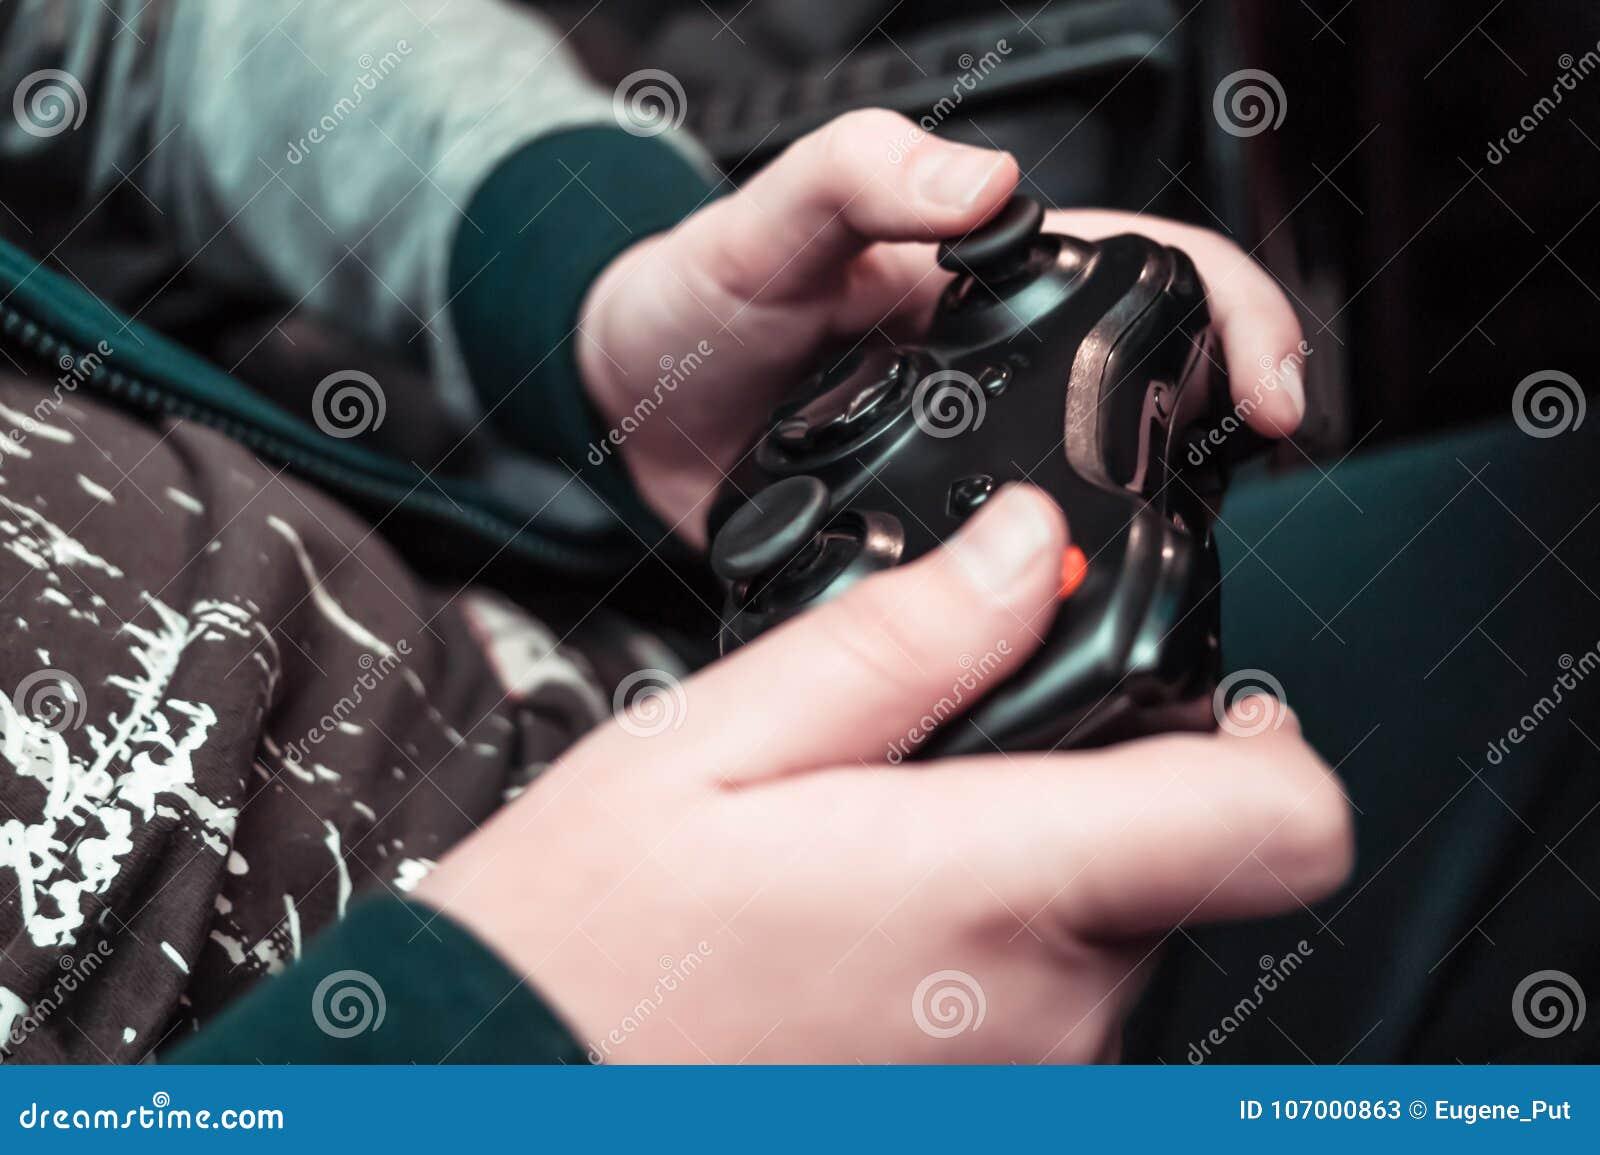 Rozrywka, domowe elektronika, hazardu pojęcie: nastolatek wręcza mieniu bezprzewodowego kontrolera gamepad bawić się konsolę wide